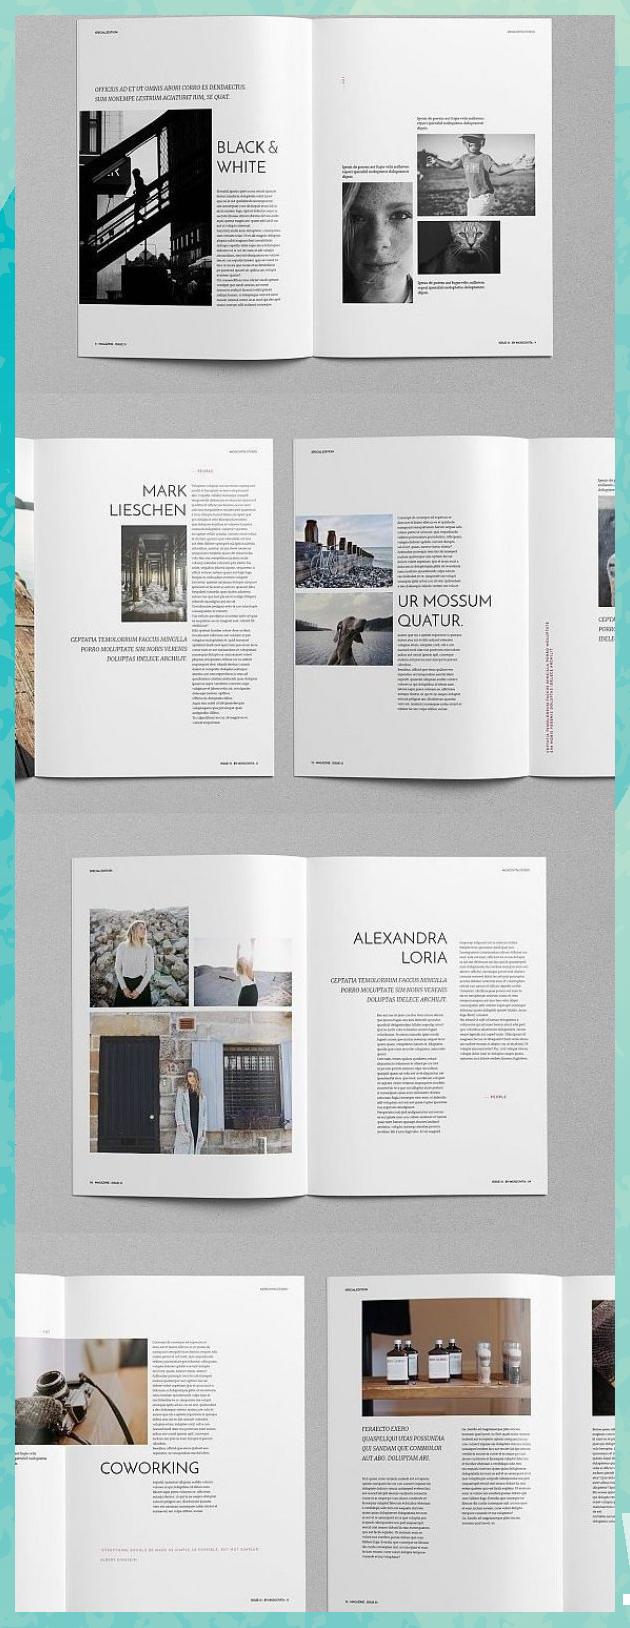 Eko Magazine Vorlage Magazine Broschure Vorlage Brochuretemplate Brochured Eko Magazin In 2020 Magazine Design Inspiration Book Design Layout Magazine Design